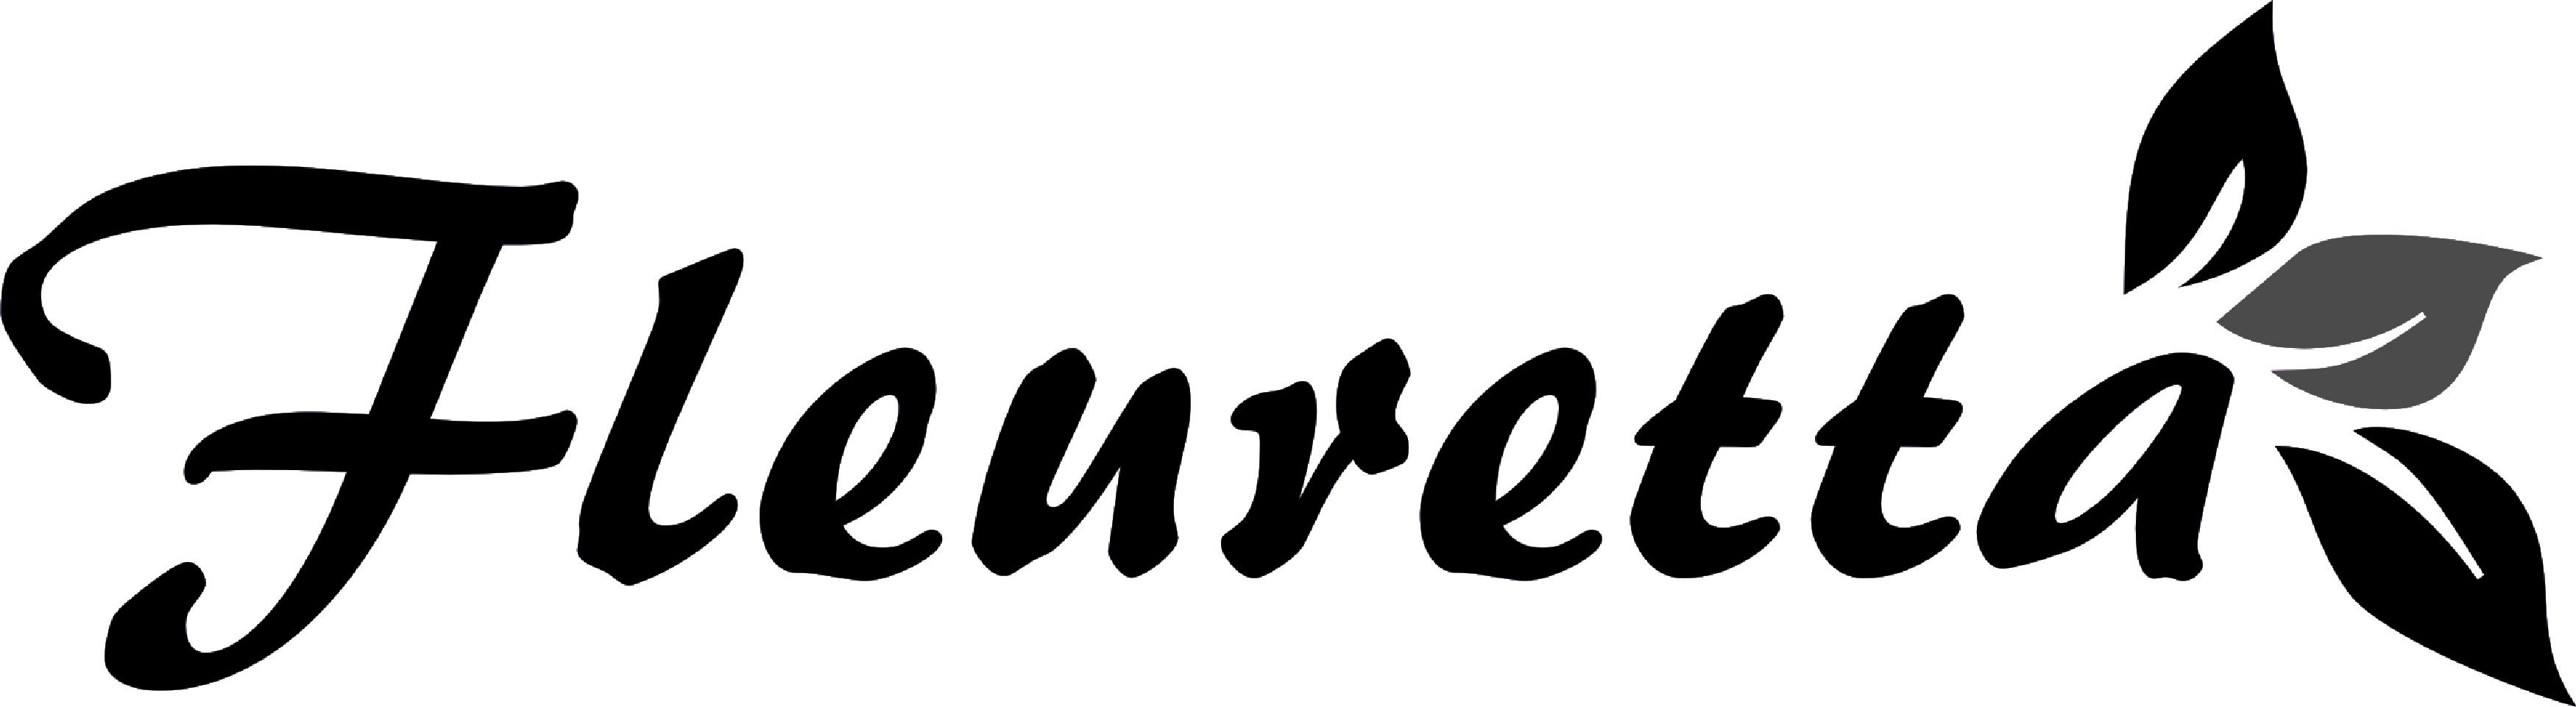 FLEURETTA - женская одежда оптом от производителя